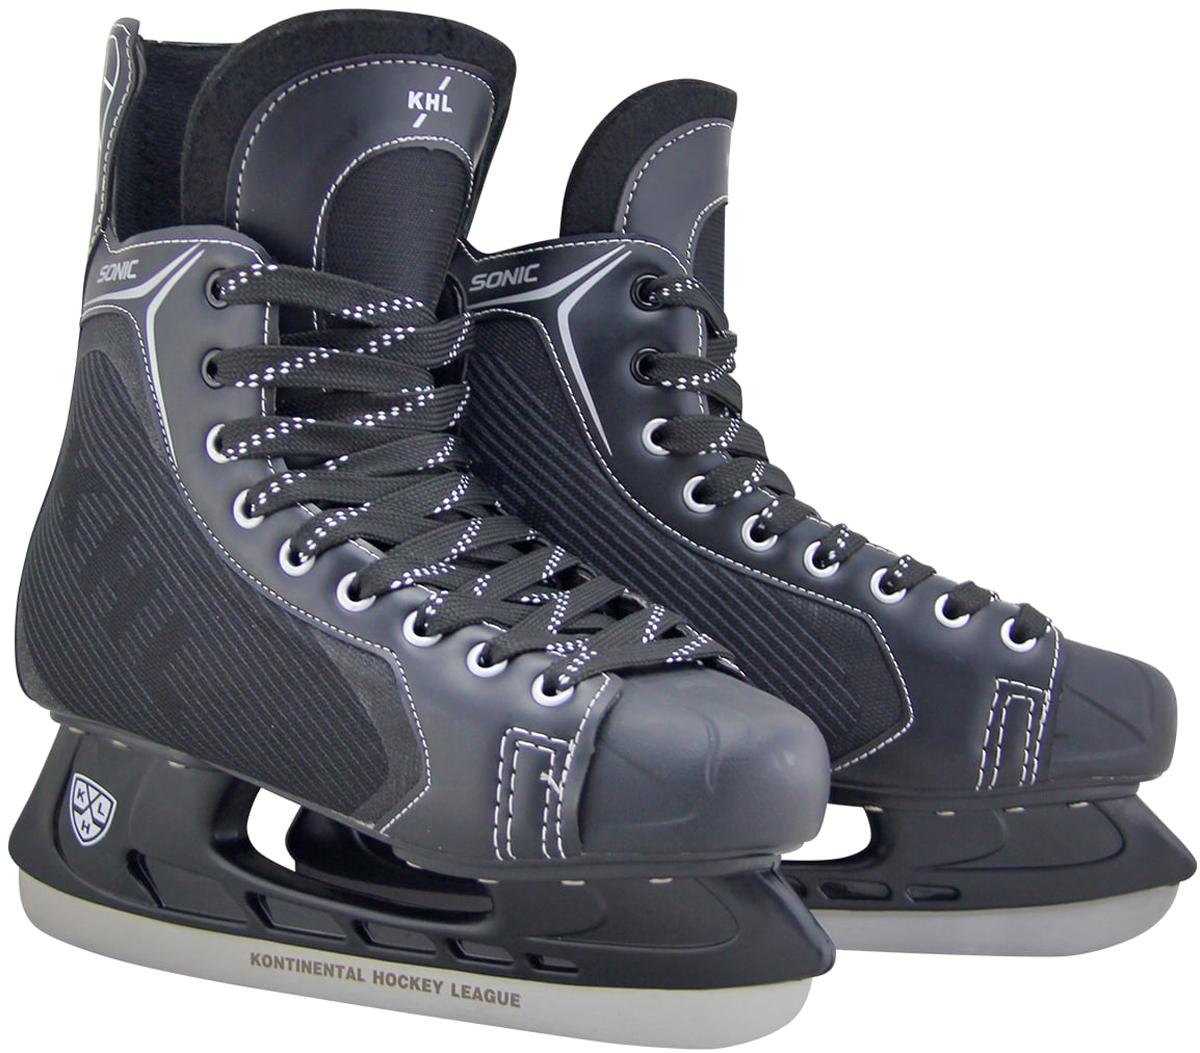 Коньки хоккейные мужские KHL Sonic, цвет: черный, серый, белый. Размер 38УТ-00010443Хоккейные коньки KHL Sonic являются официальной лицензионной продукцией Континентальной Хоккейной Лиги (КХЛ). Это прекрасная любительская модель коньков с уникальным стильным ассиметричным дизайном, выполненным в новой стилистической концепции КХЛ. Модель выполнена из износостойких материалов, устойчивых к порезам. Усиленная жесткость ботинка для более уверенного катания. Дополнительные вставки из EVA и MEMORY foam обеспечат комфорт. Лезвие выполнено из высокоуглеродистой стали с покрытием из никеля. Шнуровка надежно зафиксирует модель на ноге.Коньки подходят для использования на открытом и закрытом льду.